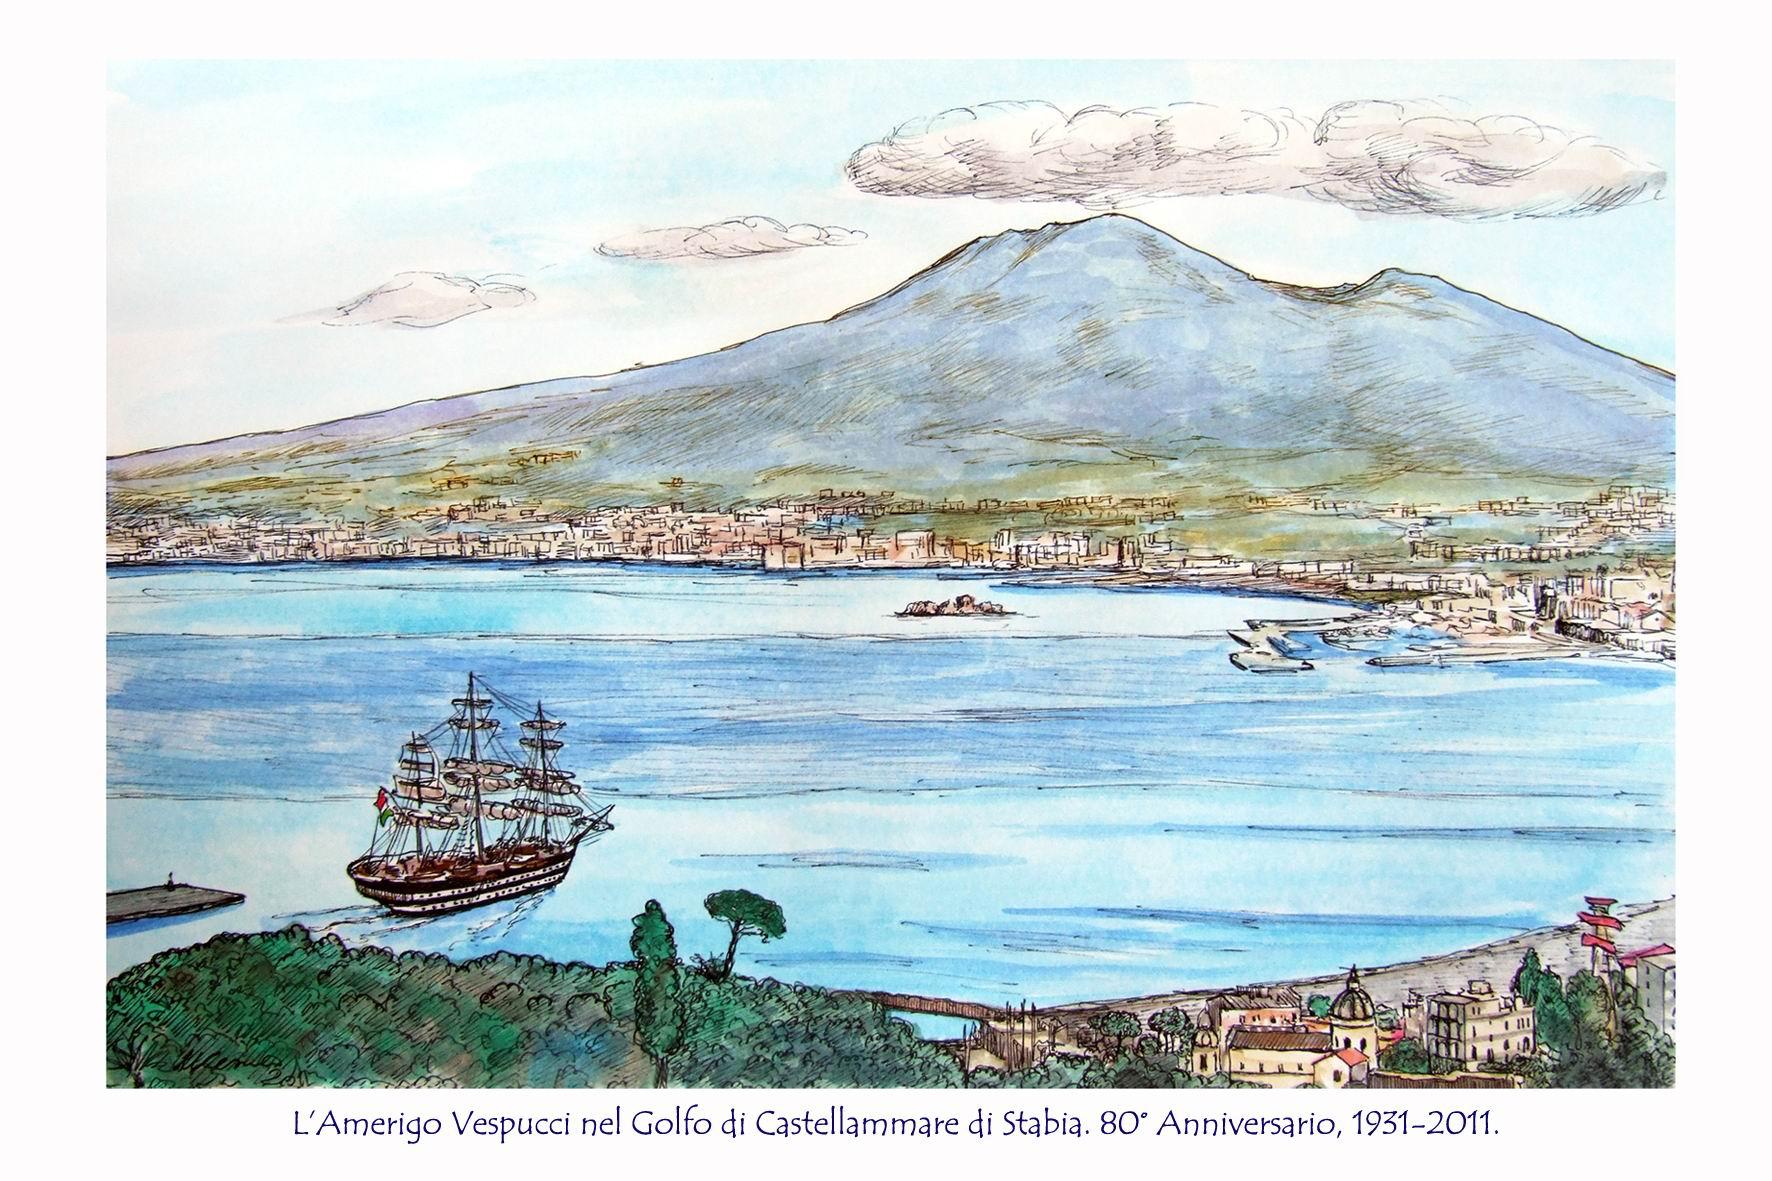 L'Amerigo Vespucci nel Golfo di Castellammare di Stabia